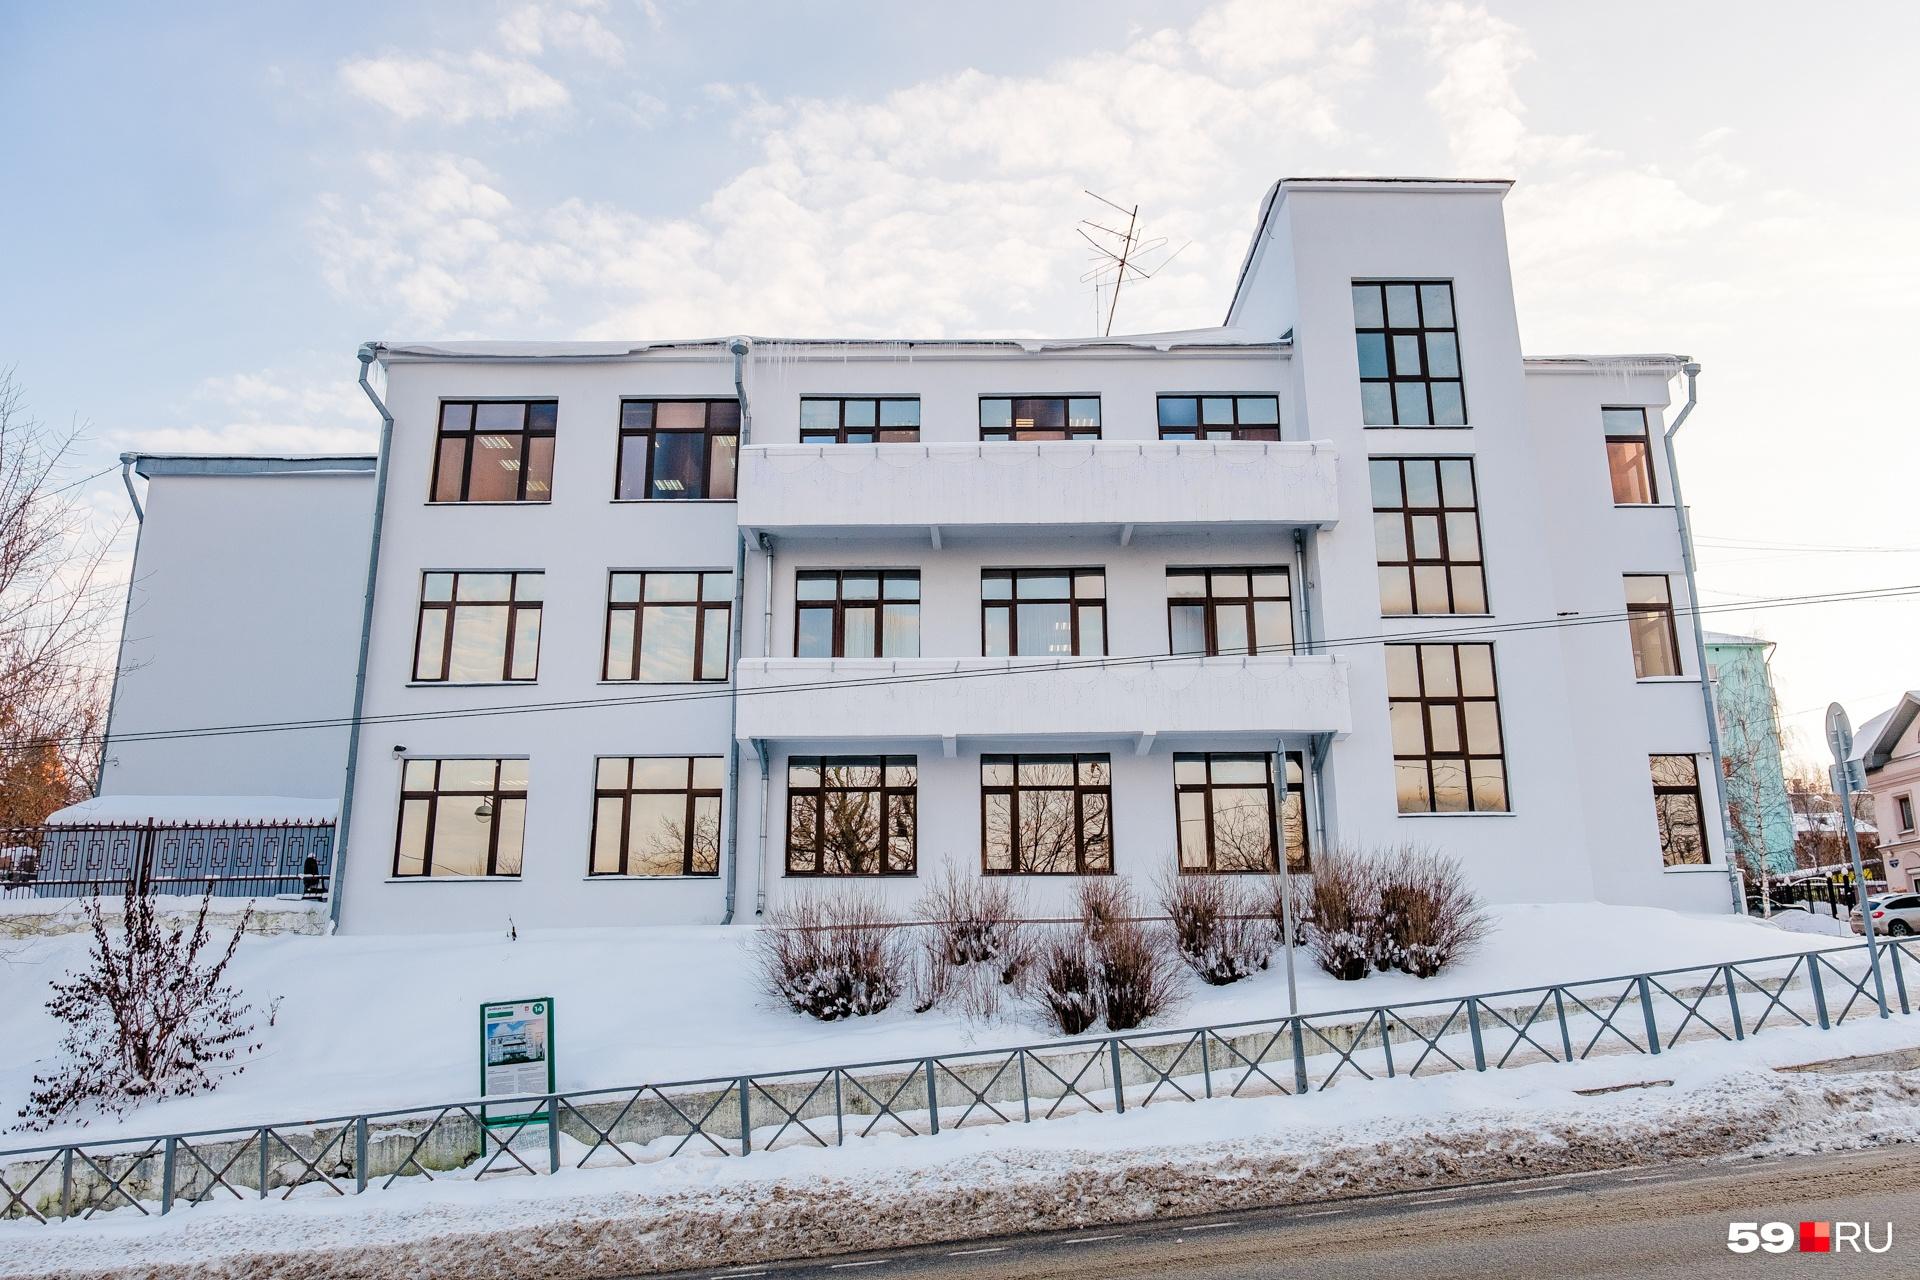 Дом построен на горе, но архитекторы смогли справиться со сложной задачей, использовав при постройке железобетон